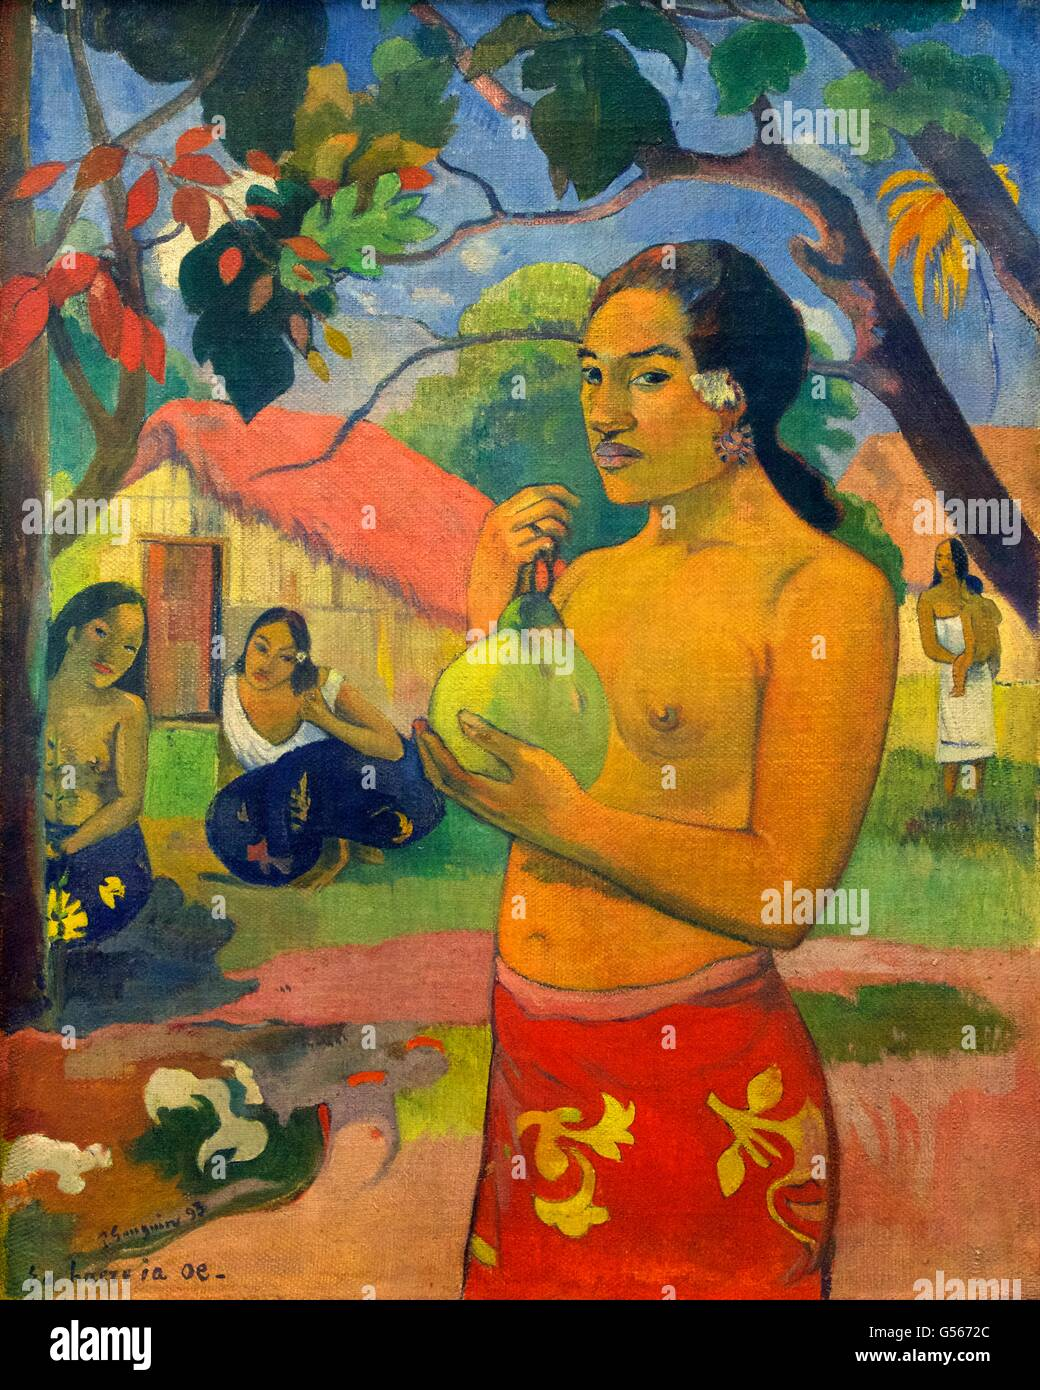 Frau hält eine Frucht, wohin du gehst?, Eu Haere ia Oe, von Paul Gauguin, 1893, Staatliche Eremitage, St. Petersburg, Stockbild